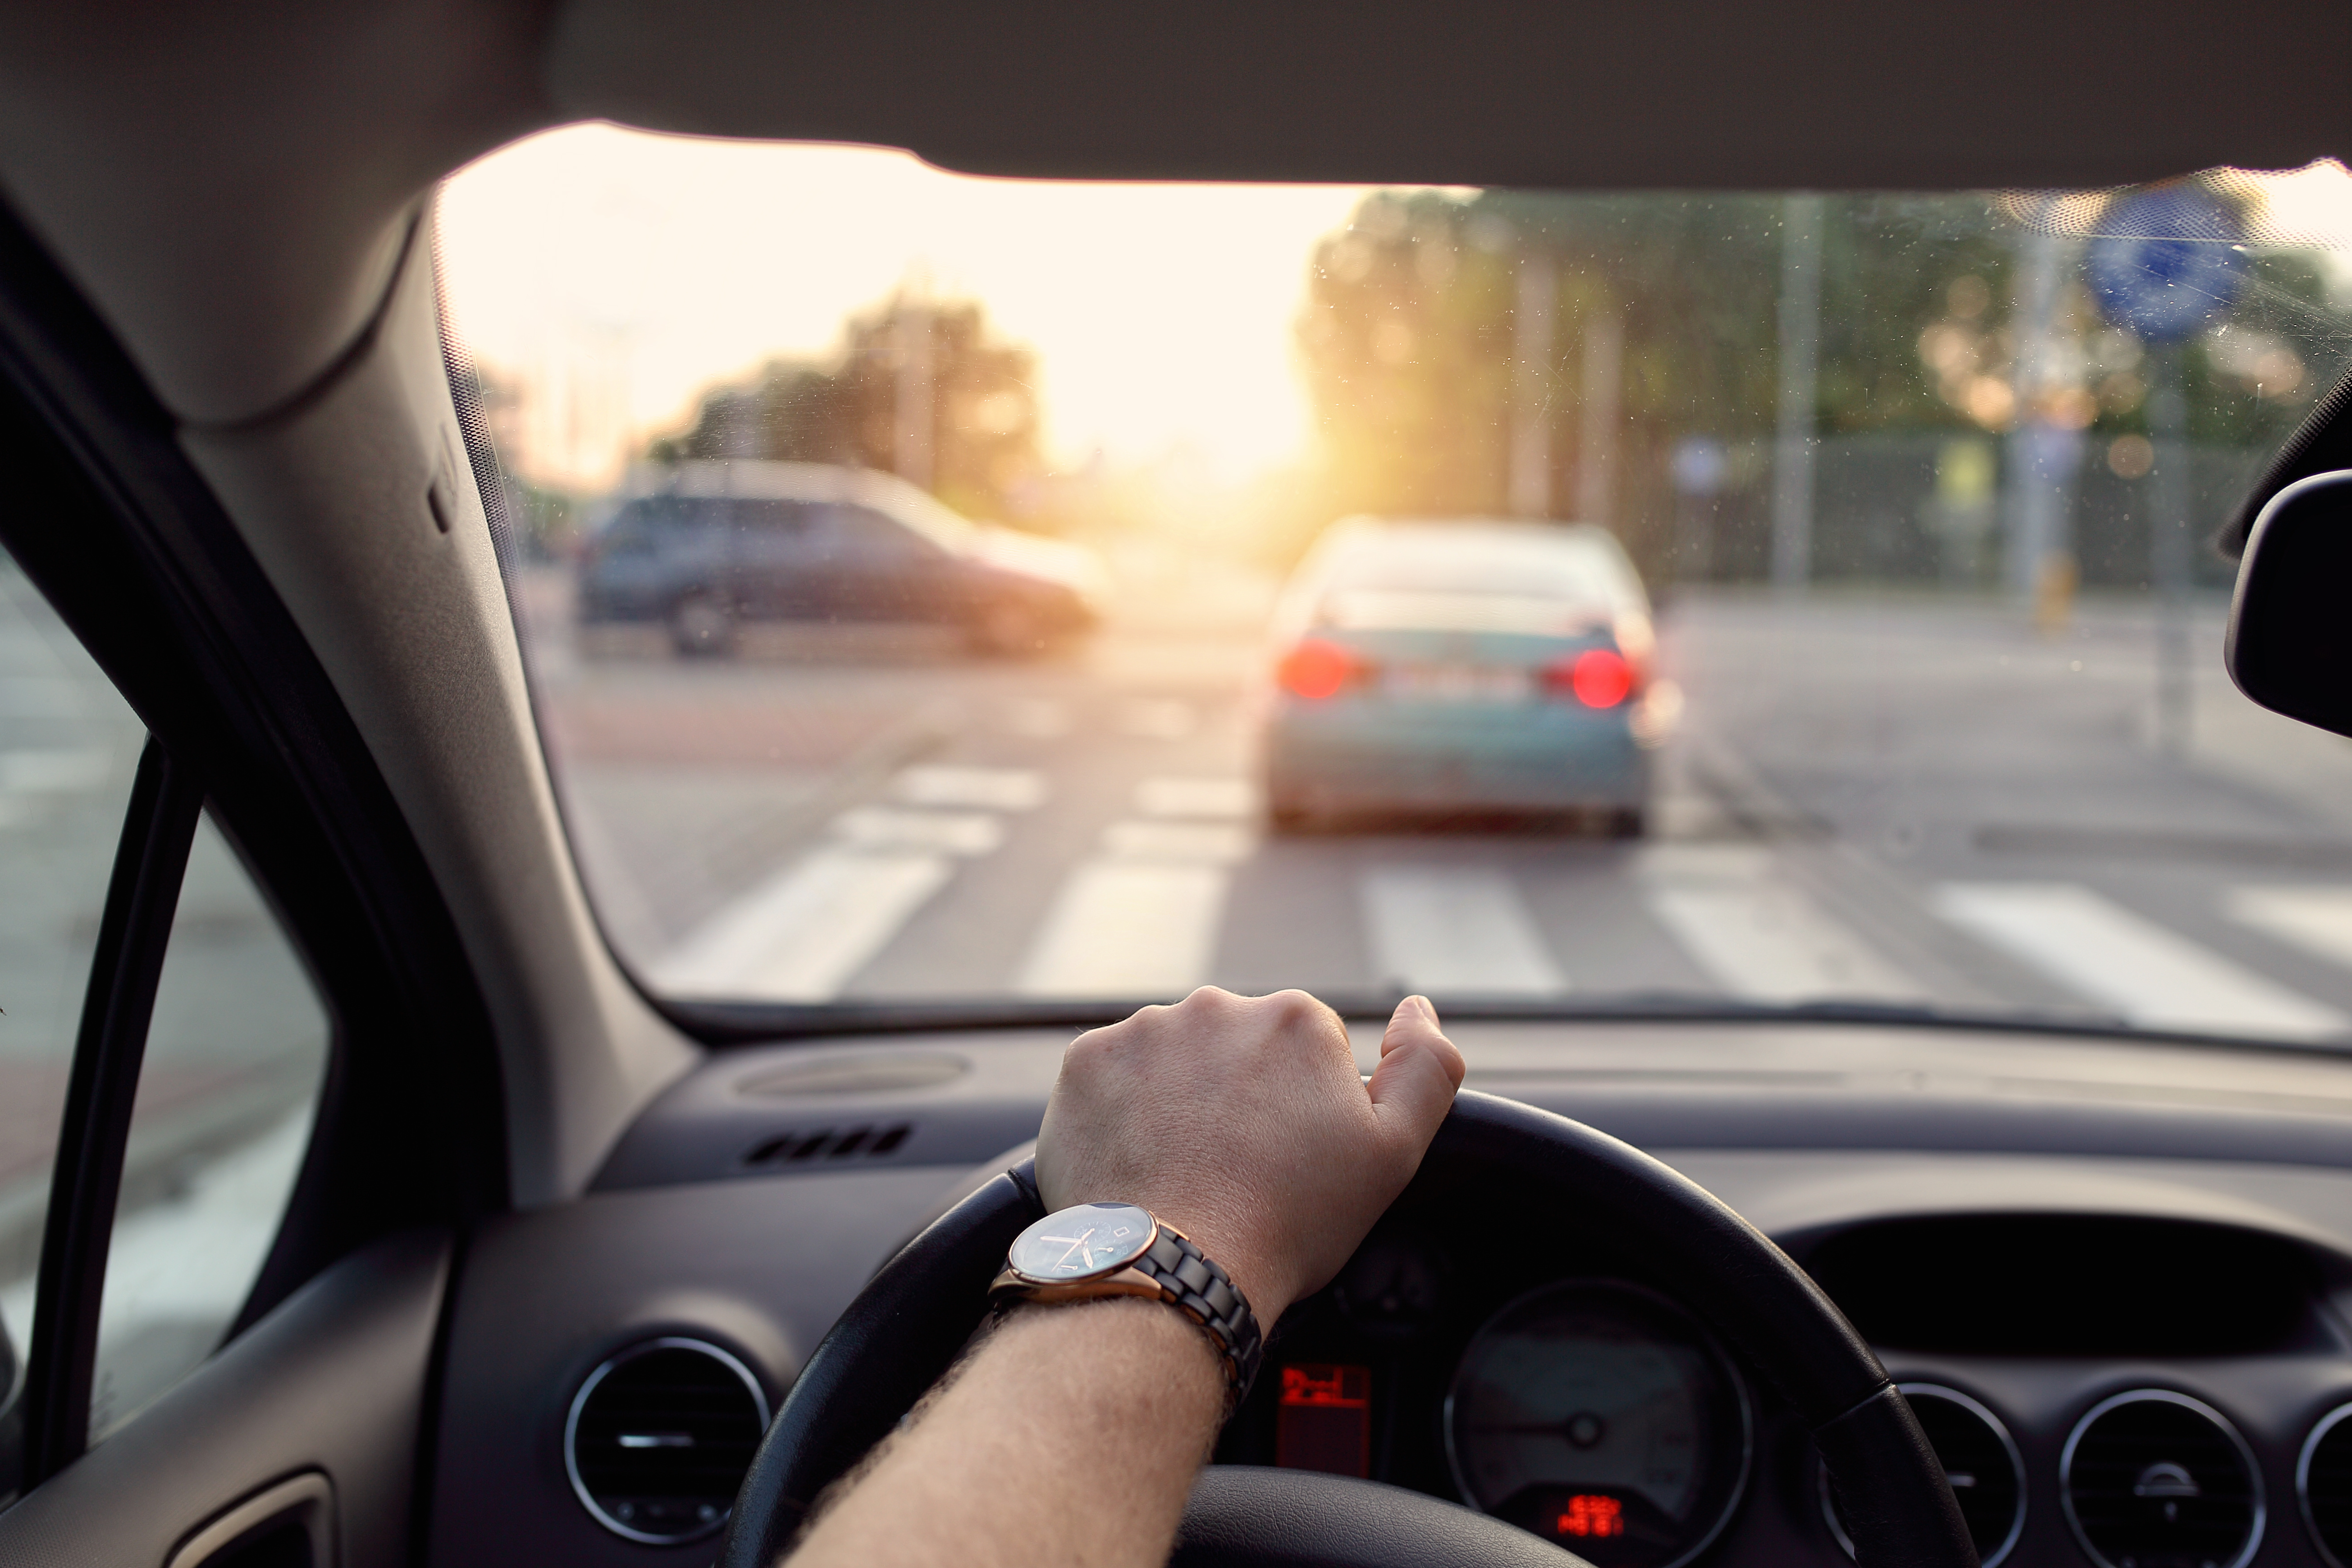 Aus der Sicht des Autofahrers, Blick auf das Lenkrad und die Straße -  Unternehemensgruppe HEITZIG & HEITZIG berät Sie bei der Umstellung auf Elektromobilität